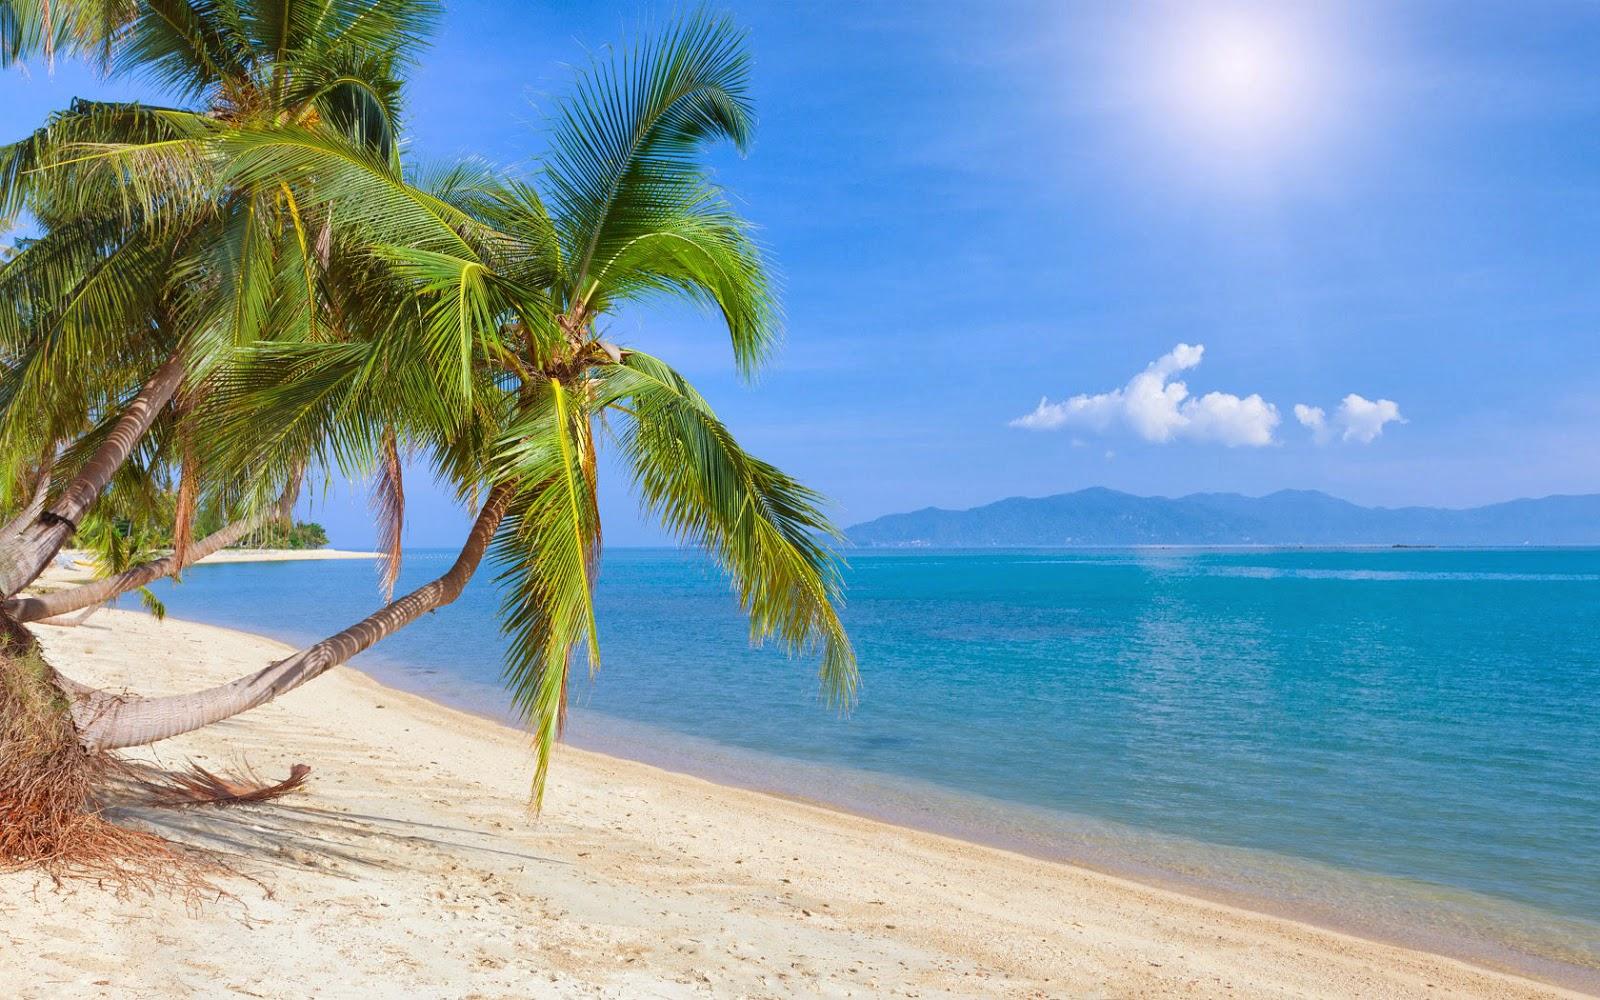 Mooie zomerse foto met strand, zee, zon en palmboom